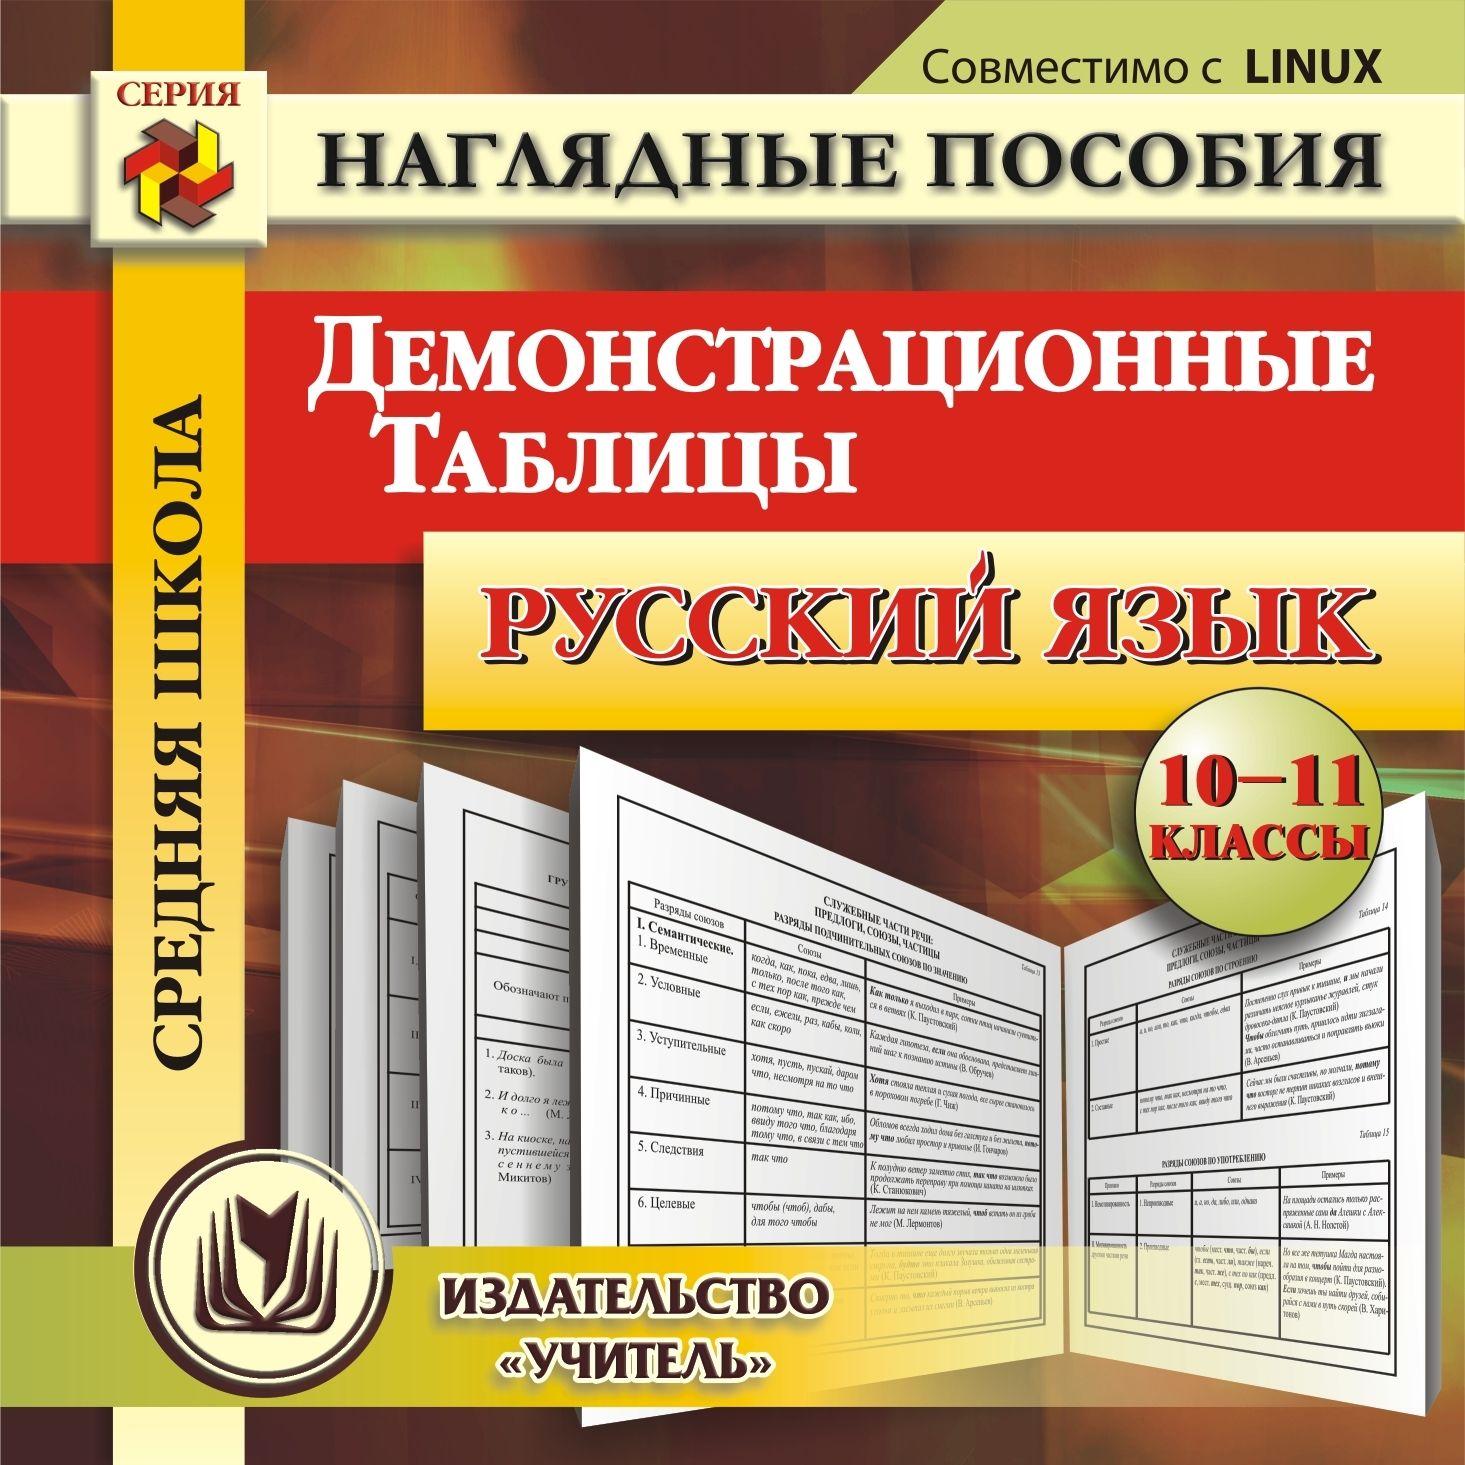 Русский язык. 10-11 классы. Демонстрационные таблицы. Компакт-диск для компьютера